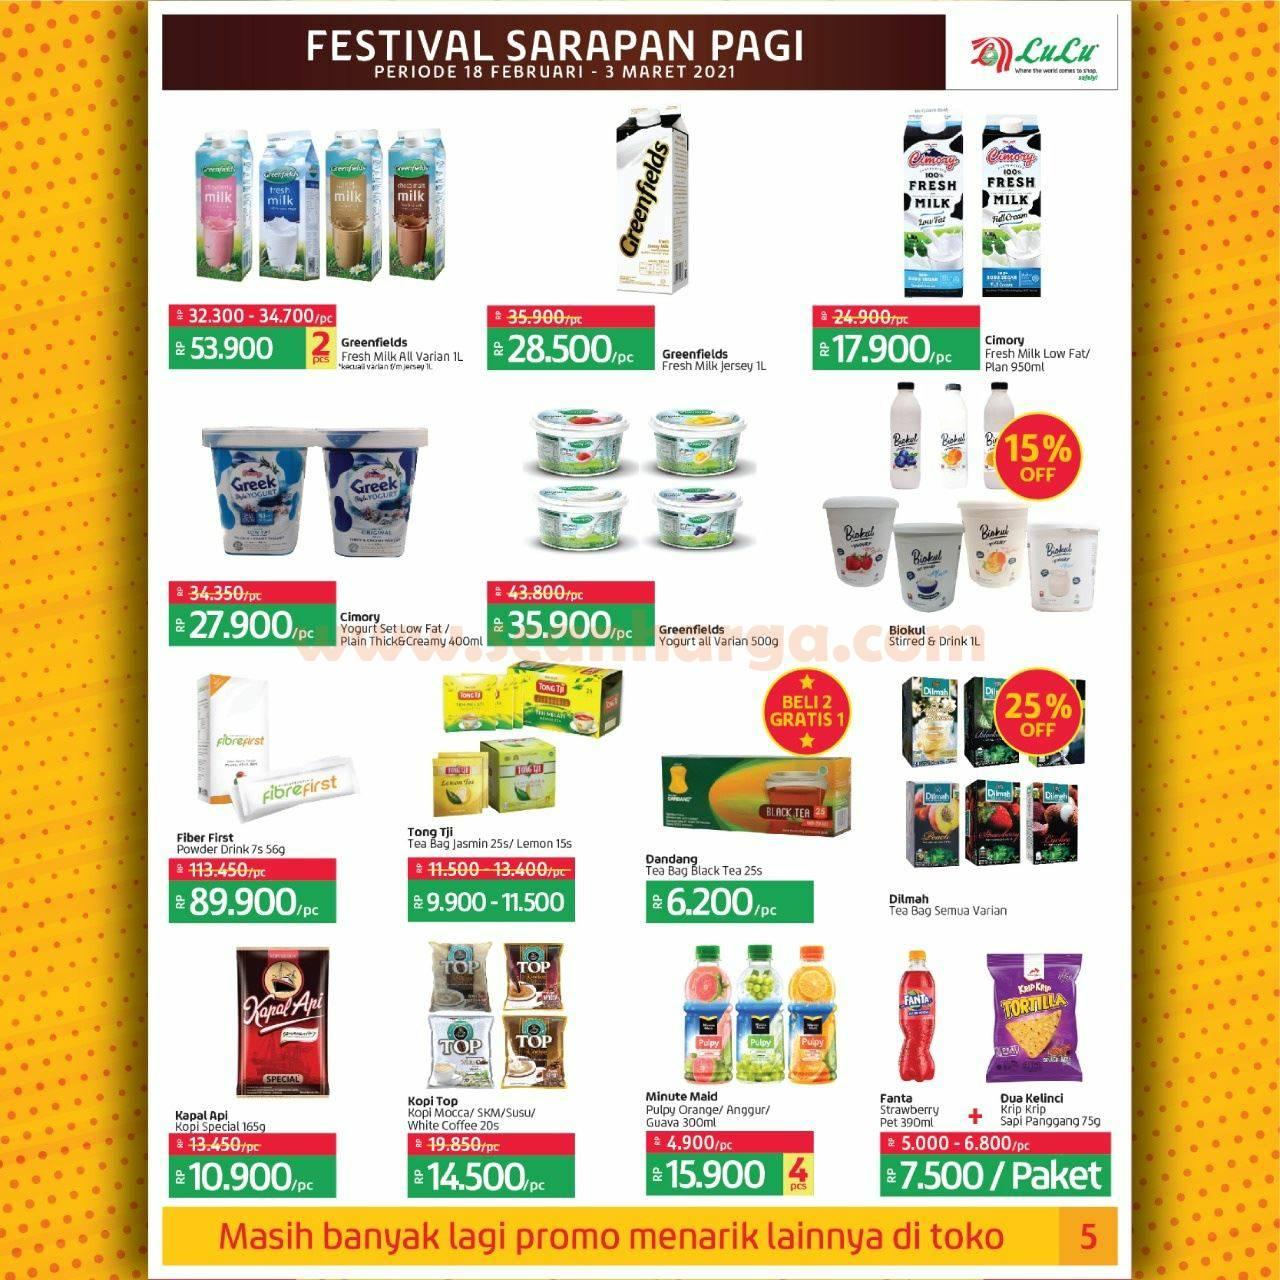 Katalog Promo LULU Supermarket 18 Februari - 3 Maret 2021 5